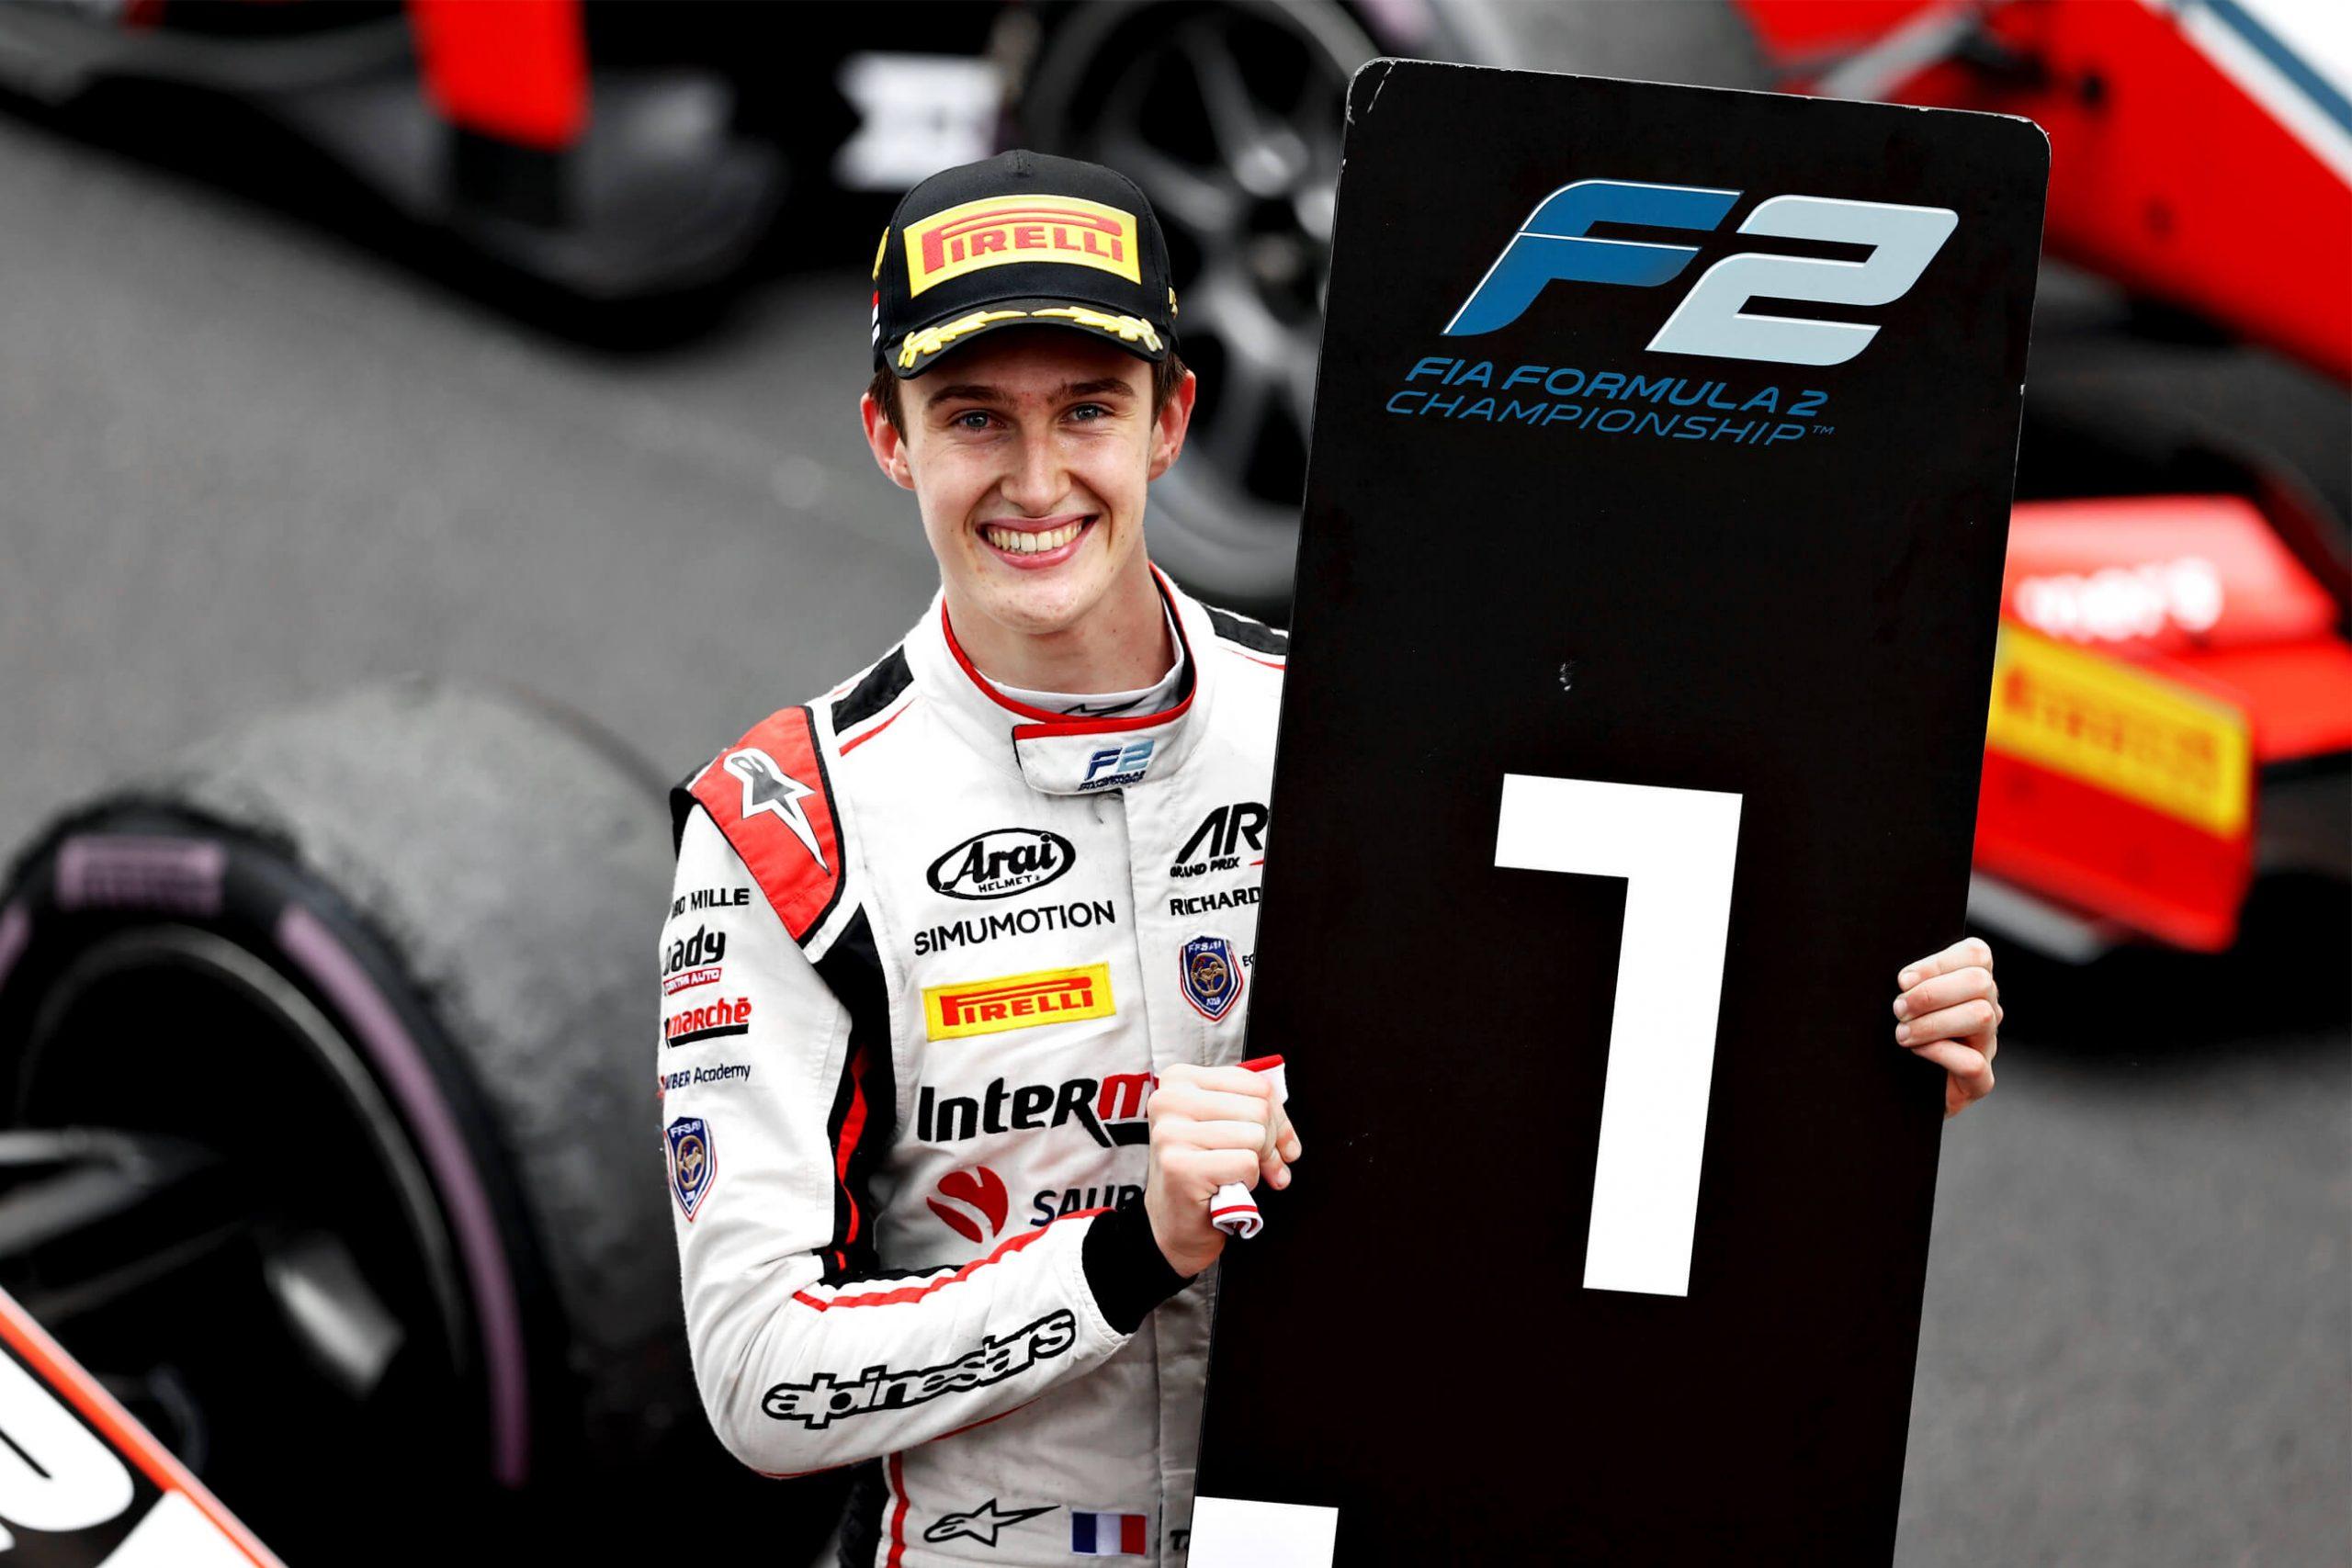 Pole position et victoire à Monaco...